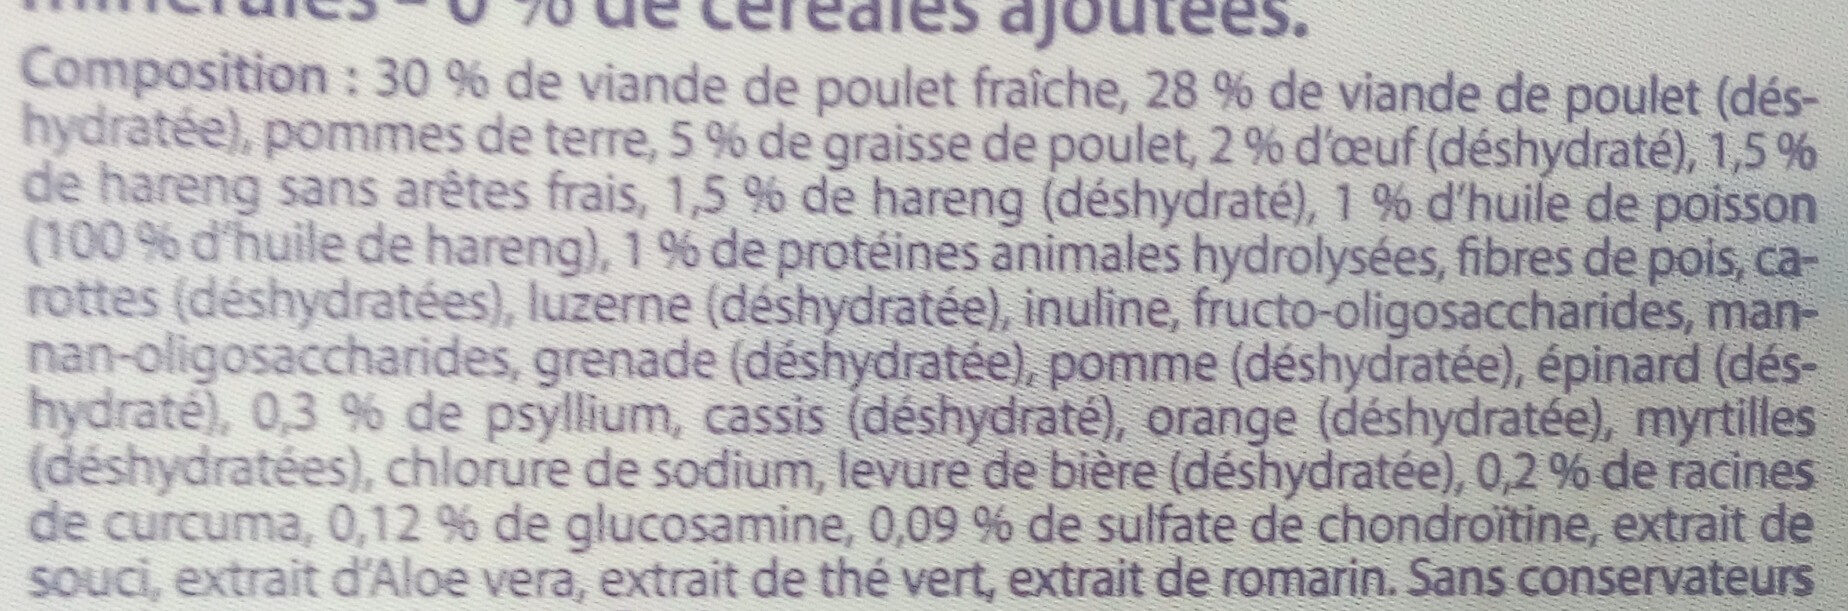 Dry cat food - Ingredients - en